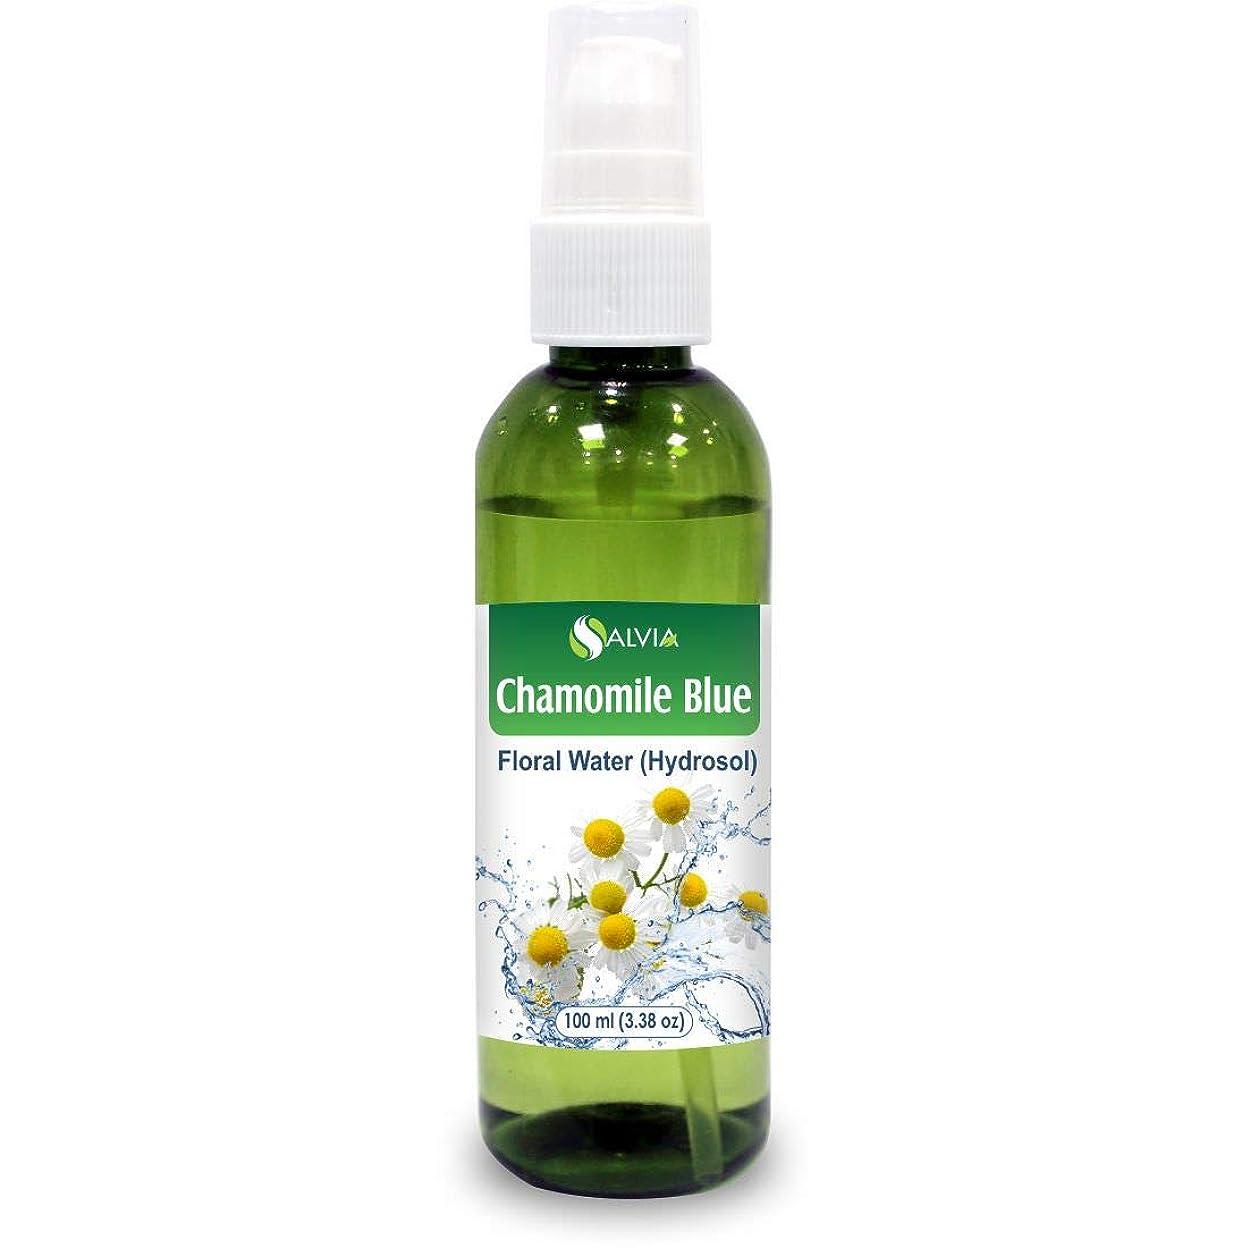 変形偽造対応Chamomile Oil, Blue Floral Water 100ml (Hydrosol) 100% Pure And Natural